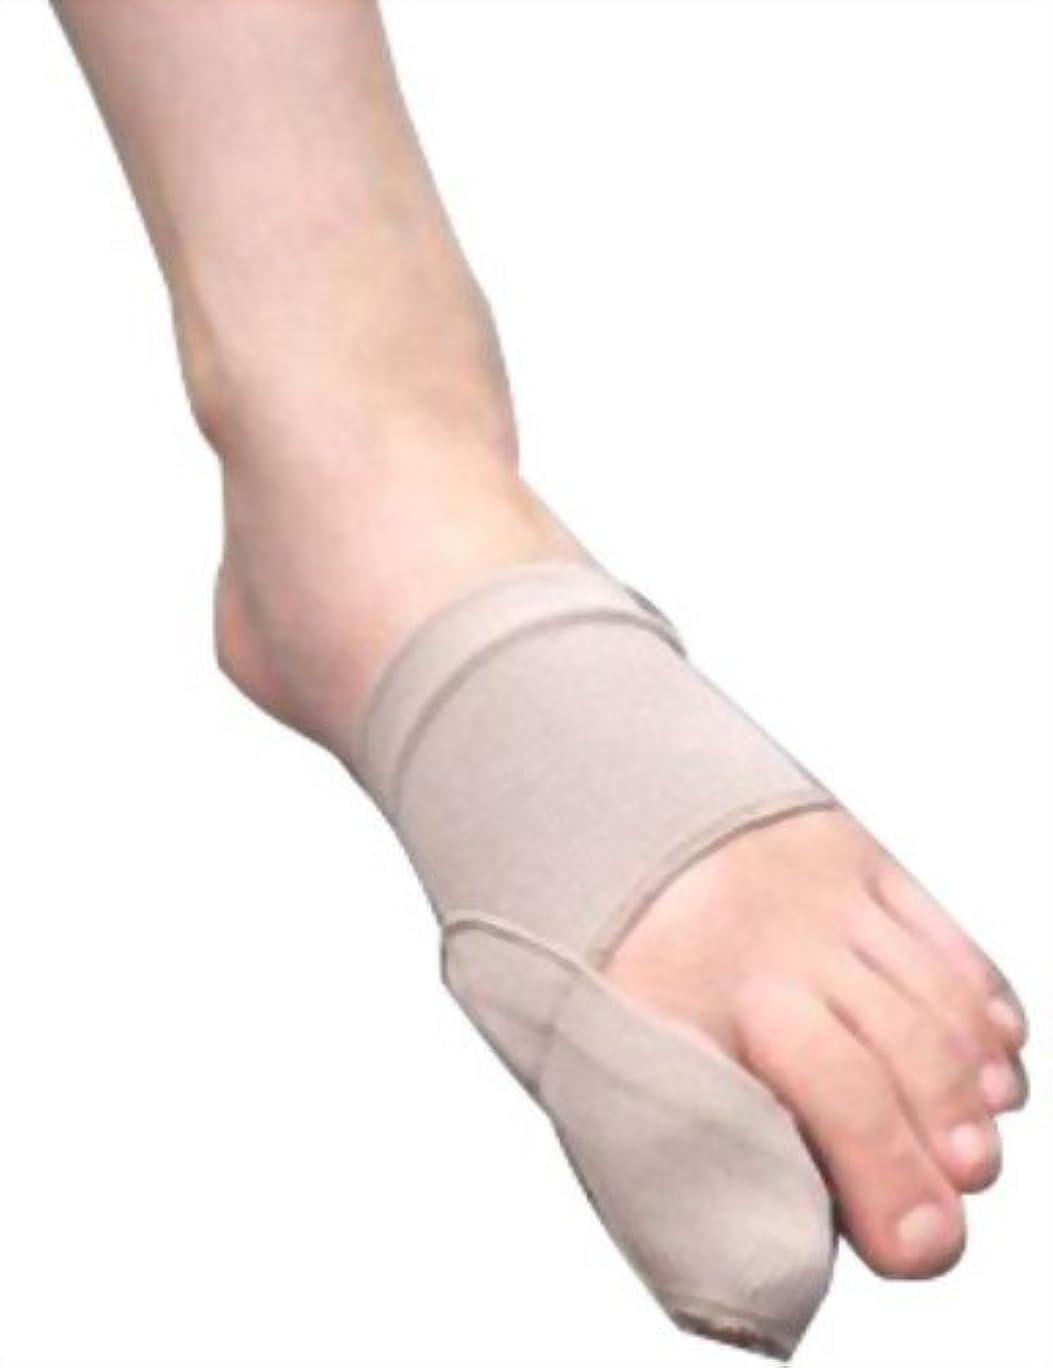 冗長毒性ペナルティ富士パックス販売 「 外反母趾 足楽サポーター 」 左右兼用 1枚入り ハードタイプ